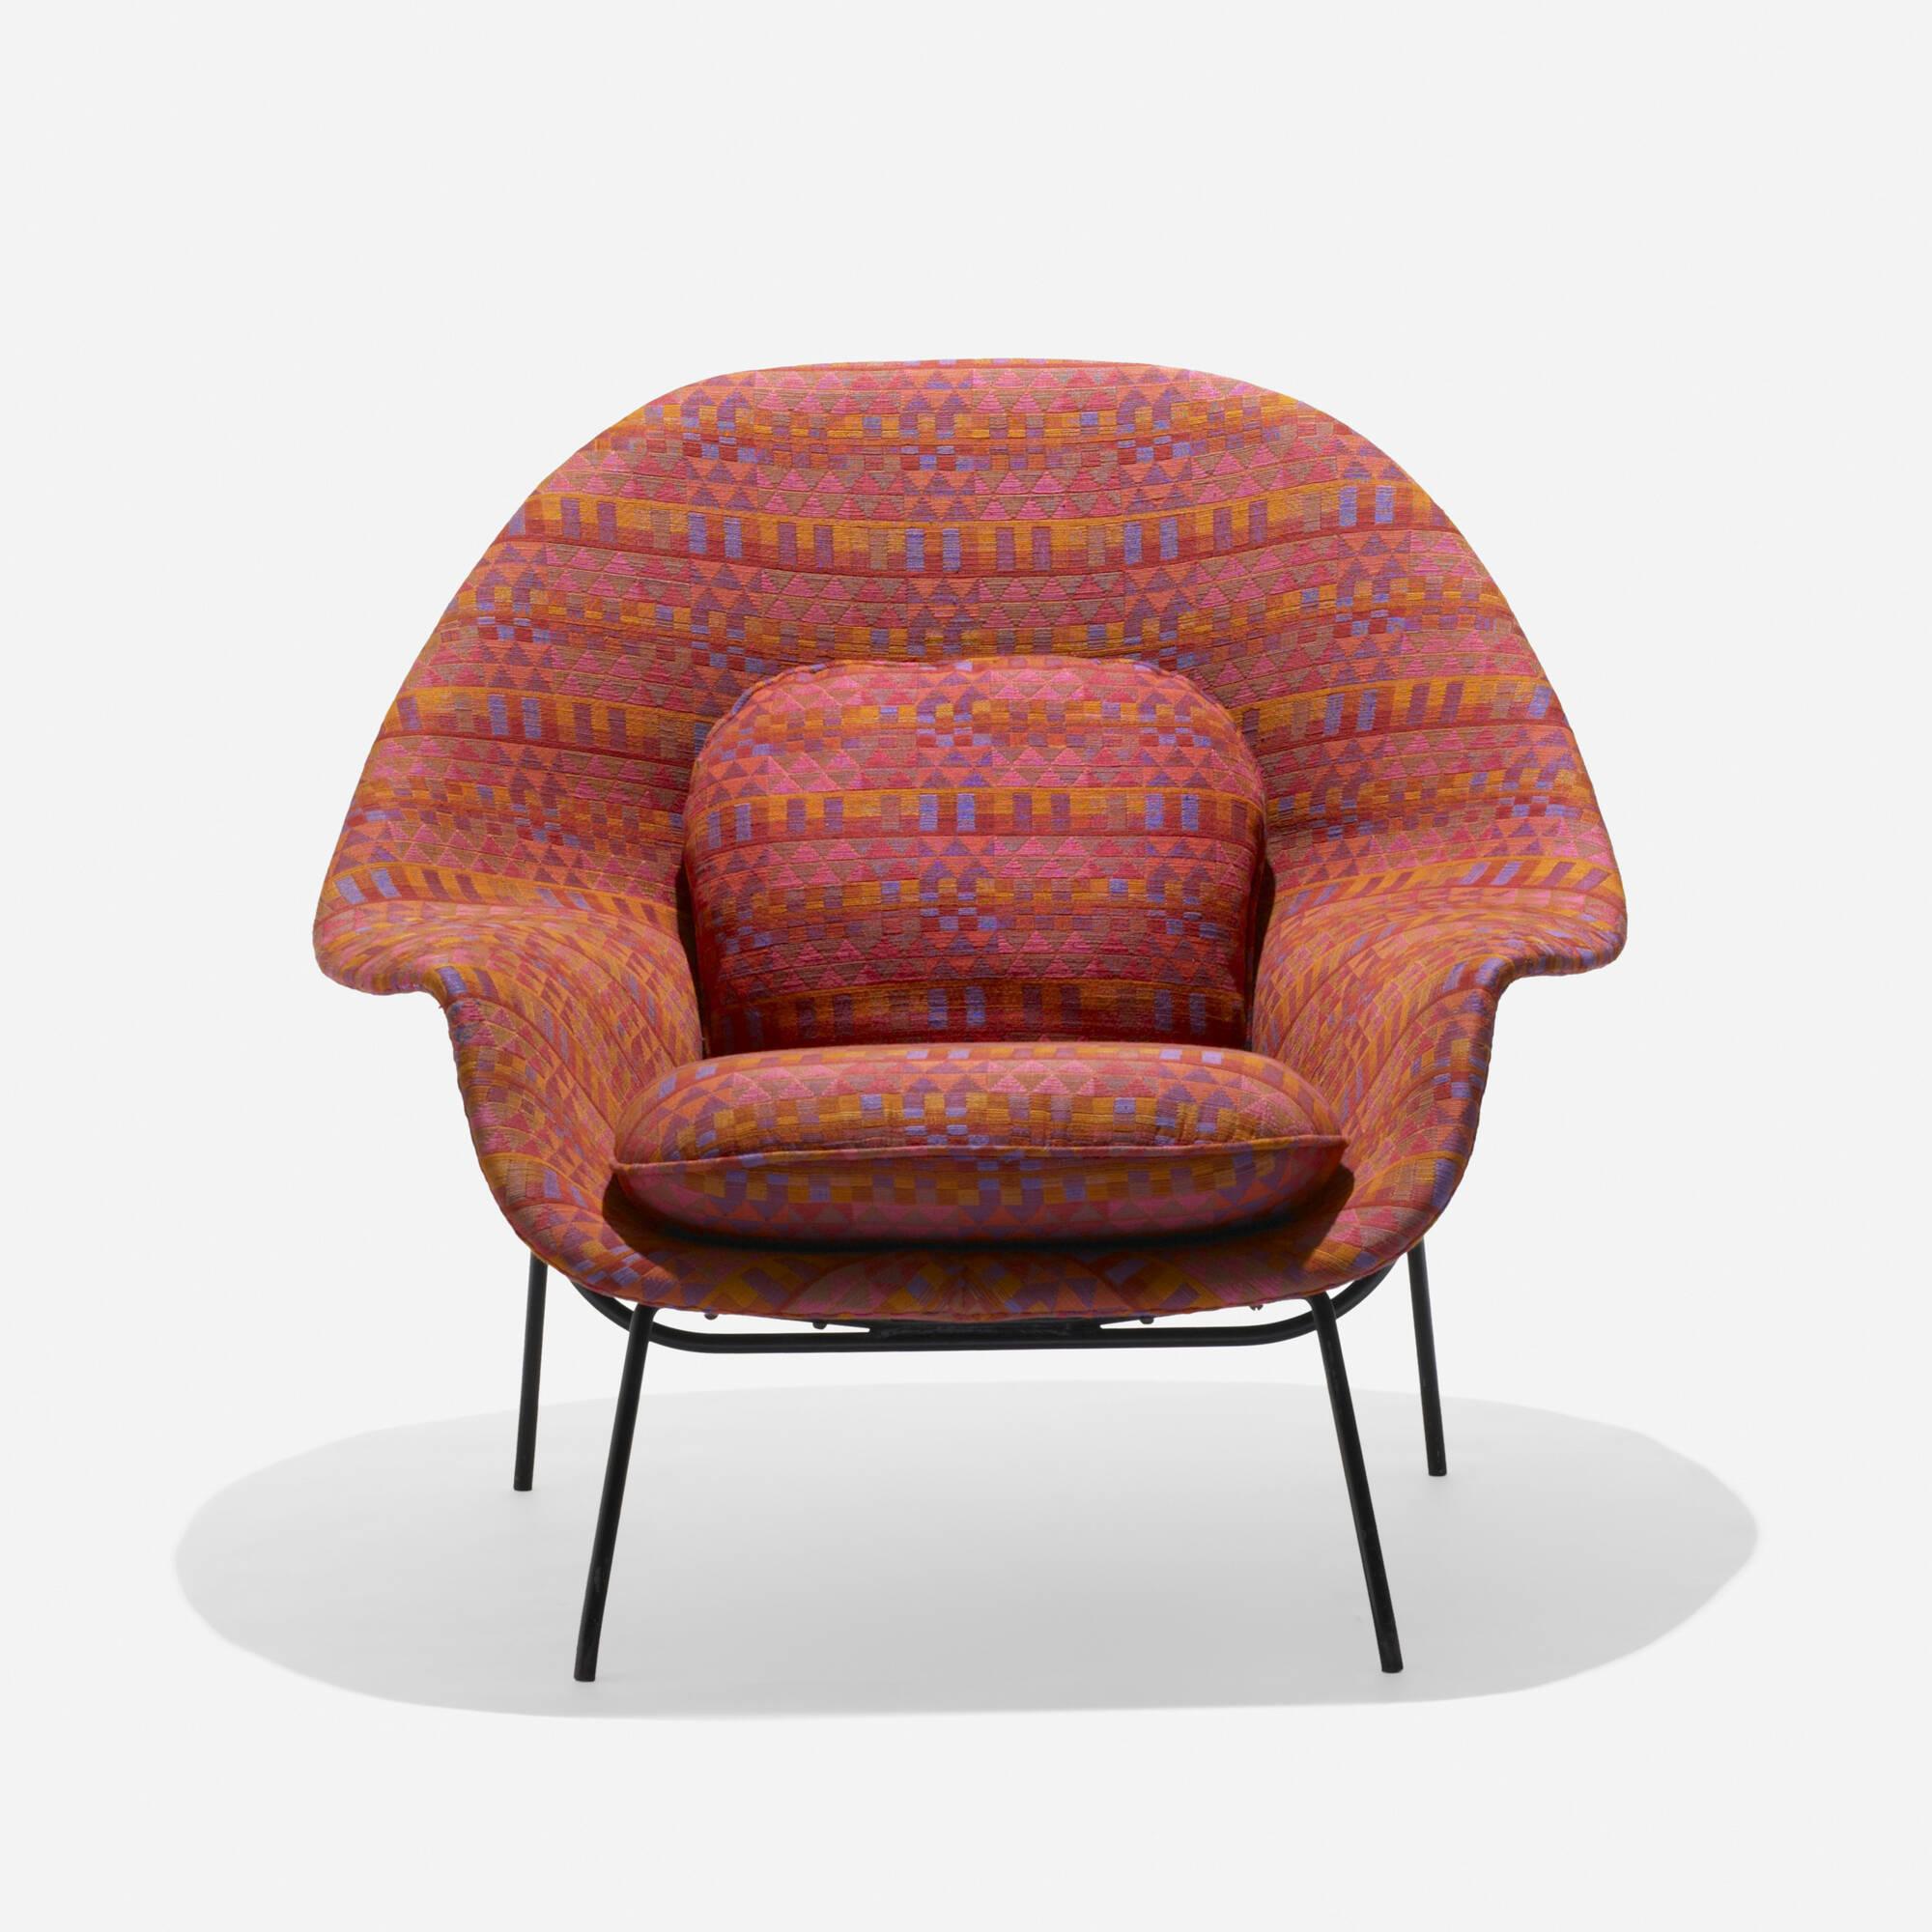 169: Eero Saarinen / Prototype Womb Chair (1 Of 3)